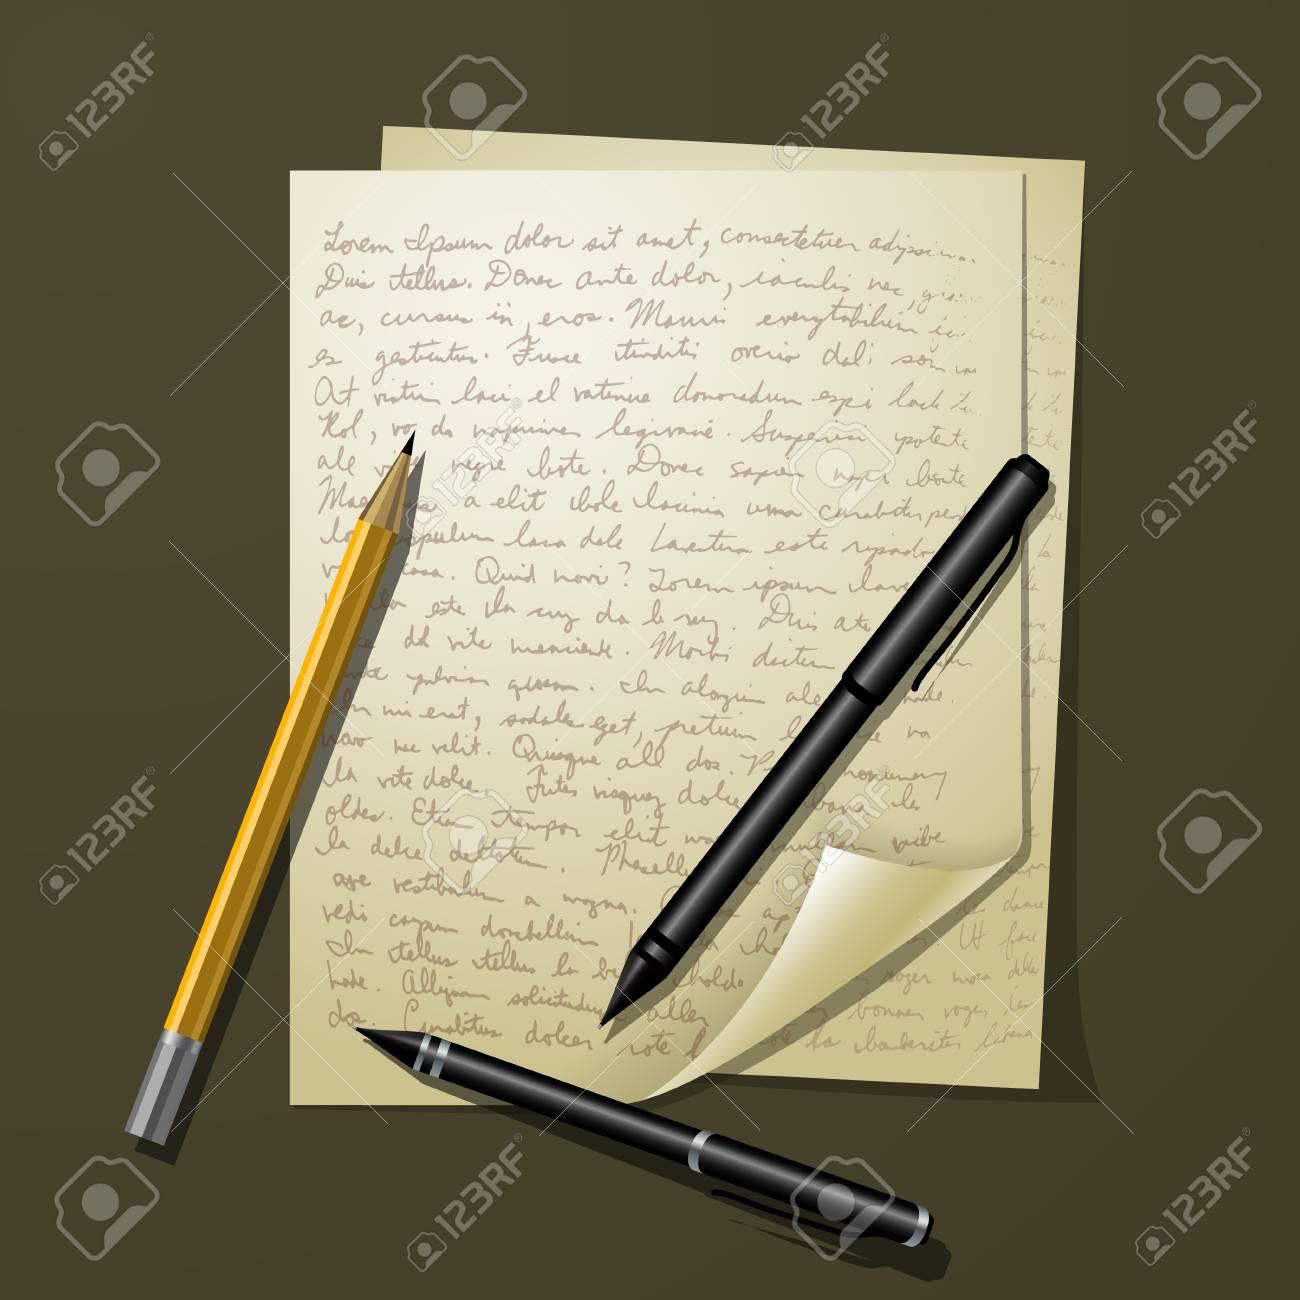 ホワイト ペーパーのペンや鉛筆をテーブルの上に複数のシートのイラスト